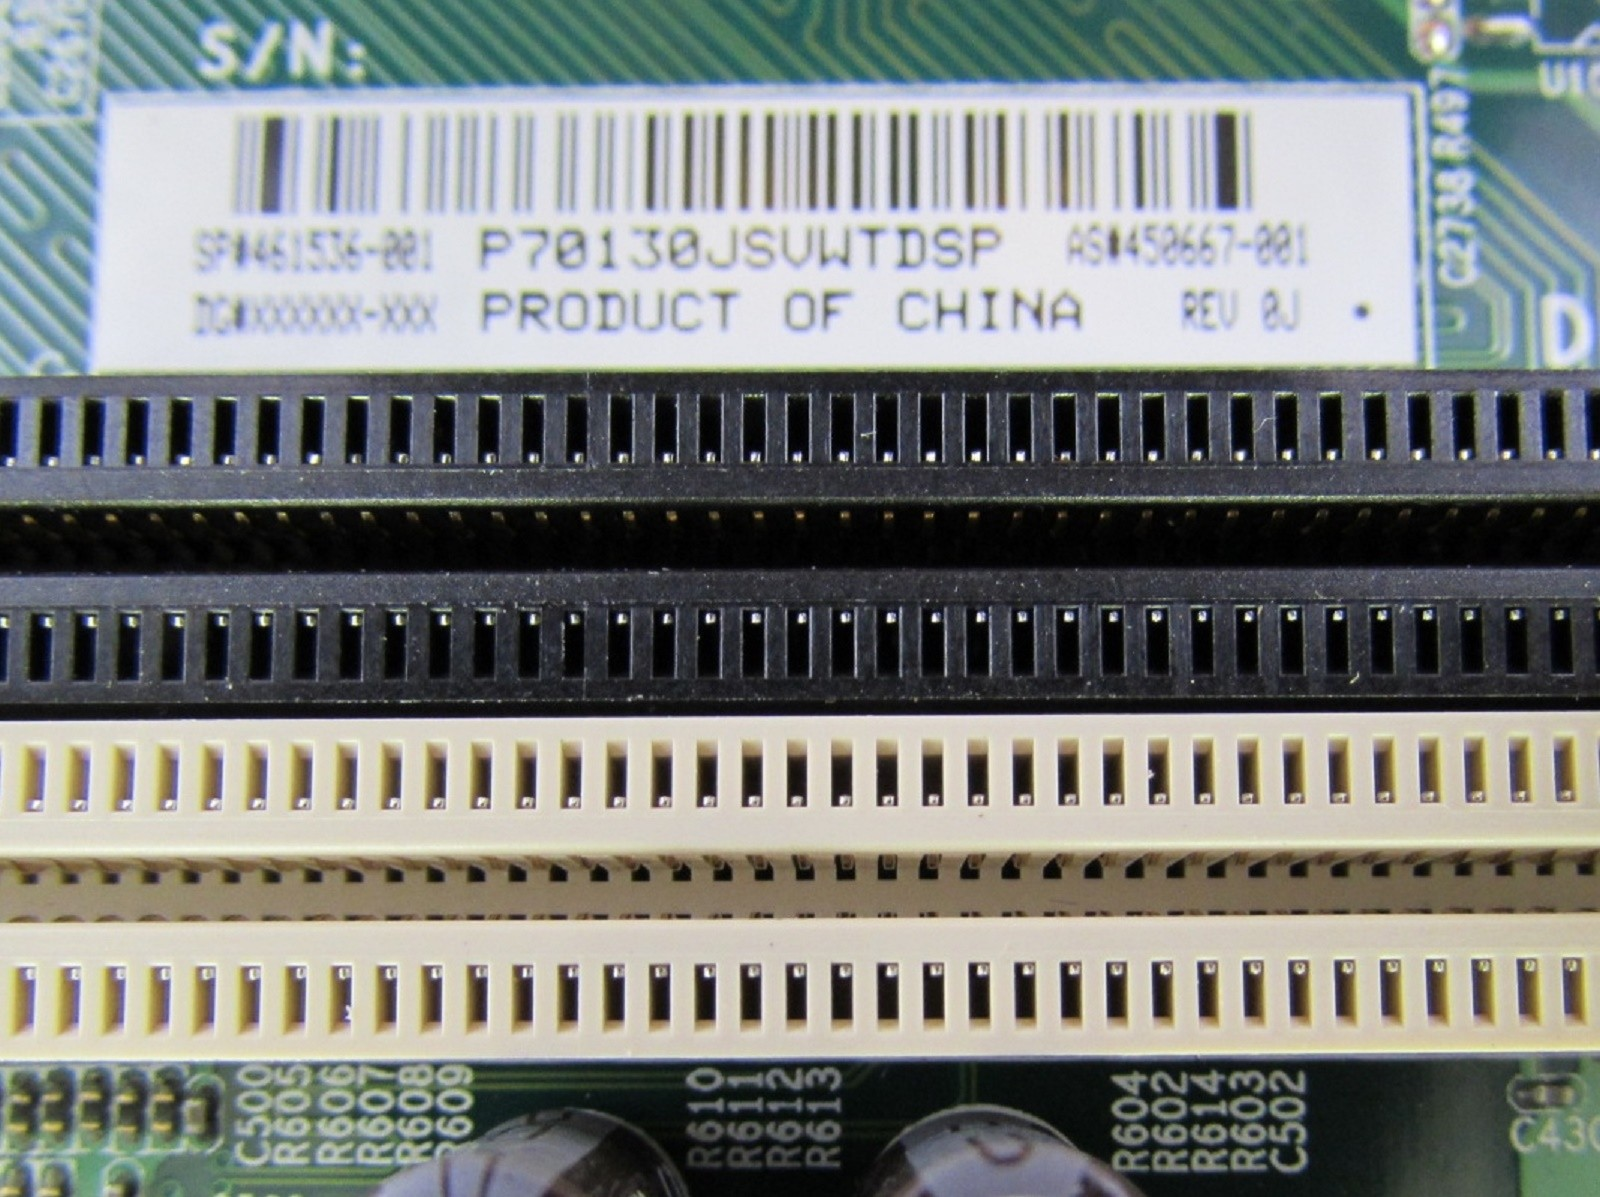 Intel 82556dc